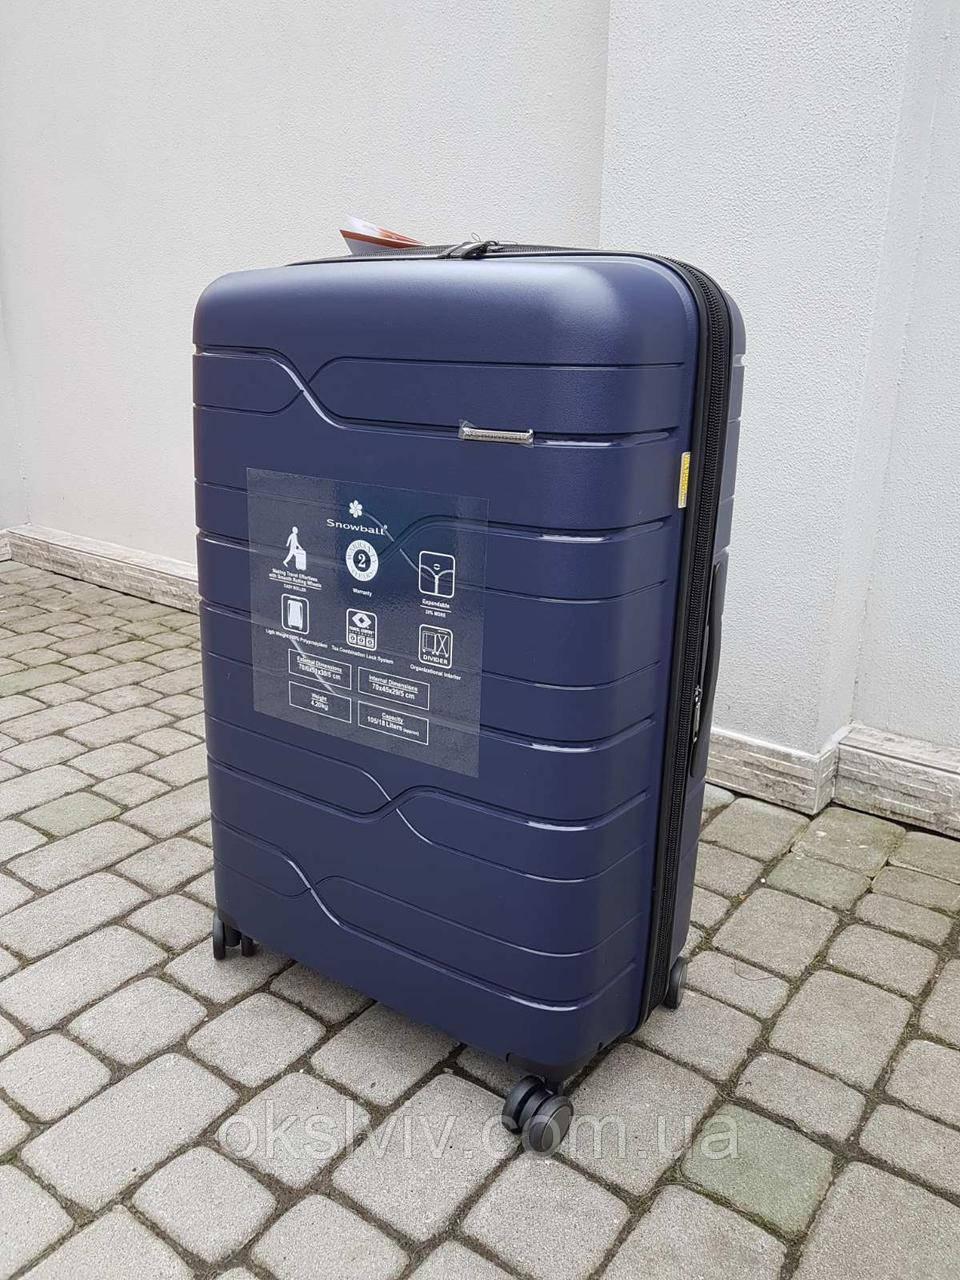 SNOWBALL 96803 Франція валізи чемоданы сумки на колесах є